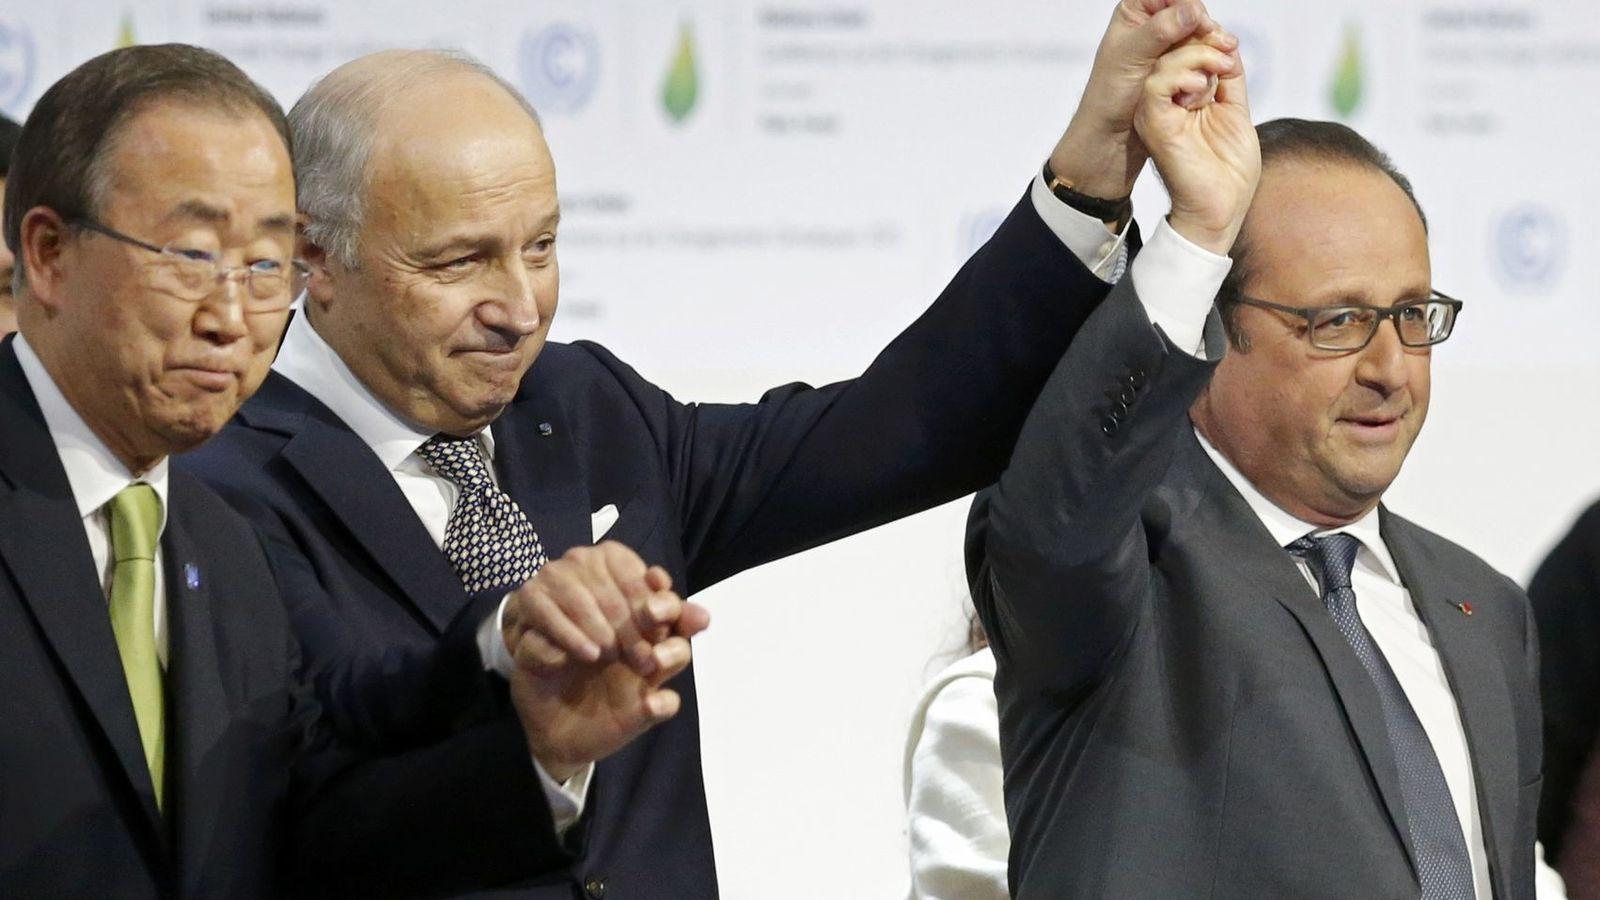 Foto: Ban Ki Moon, Lauren Fabius y François Hollande celebran el acuerdo en la Cumbre del Clima de París